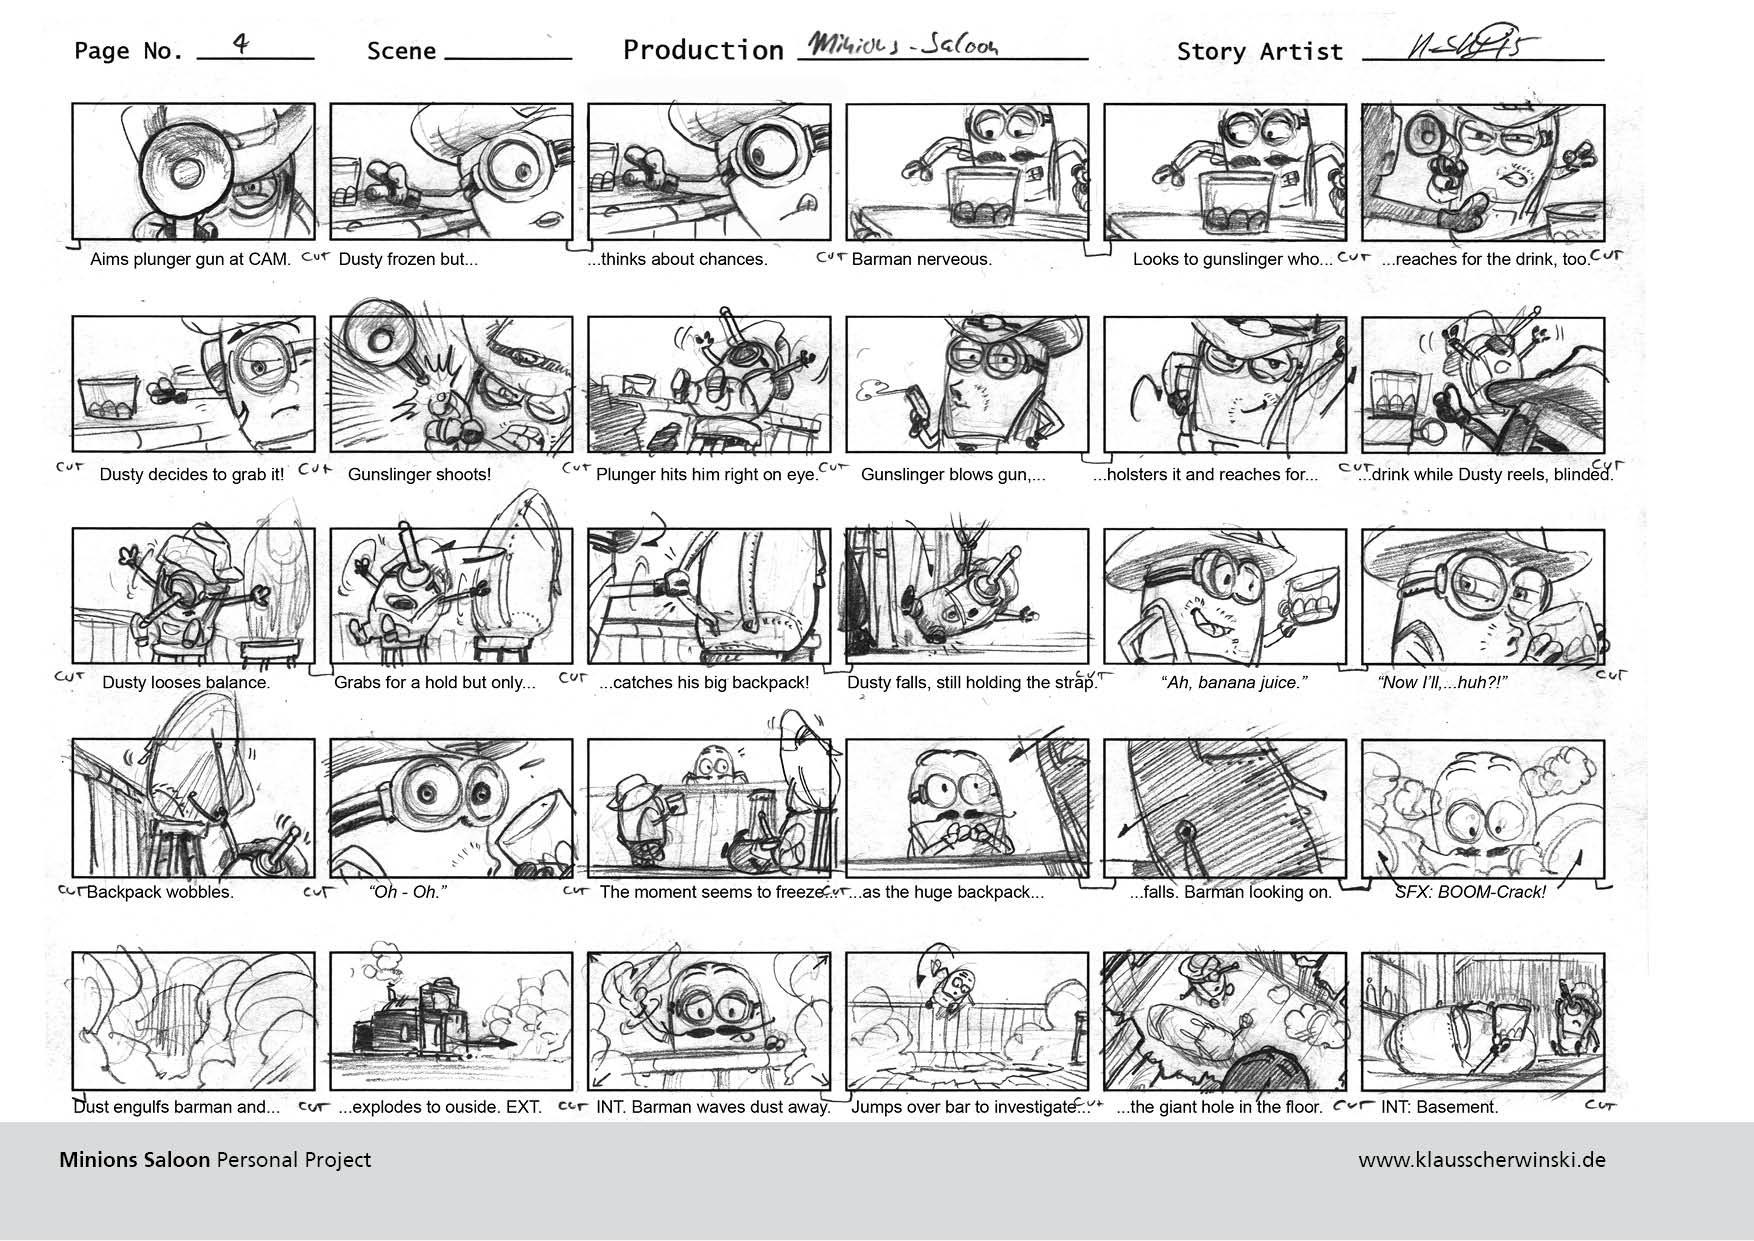 Klaus scherwinski portfolio boards2015 scherwinski roughsintro13